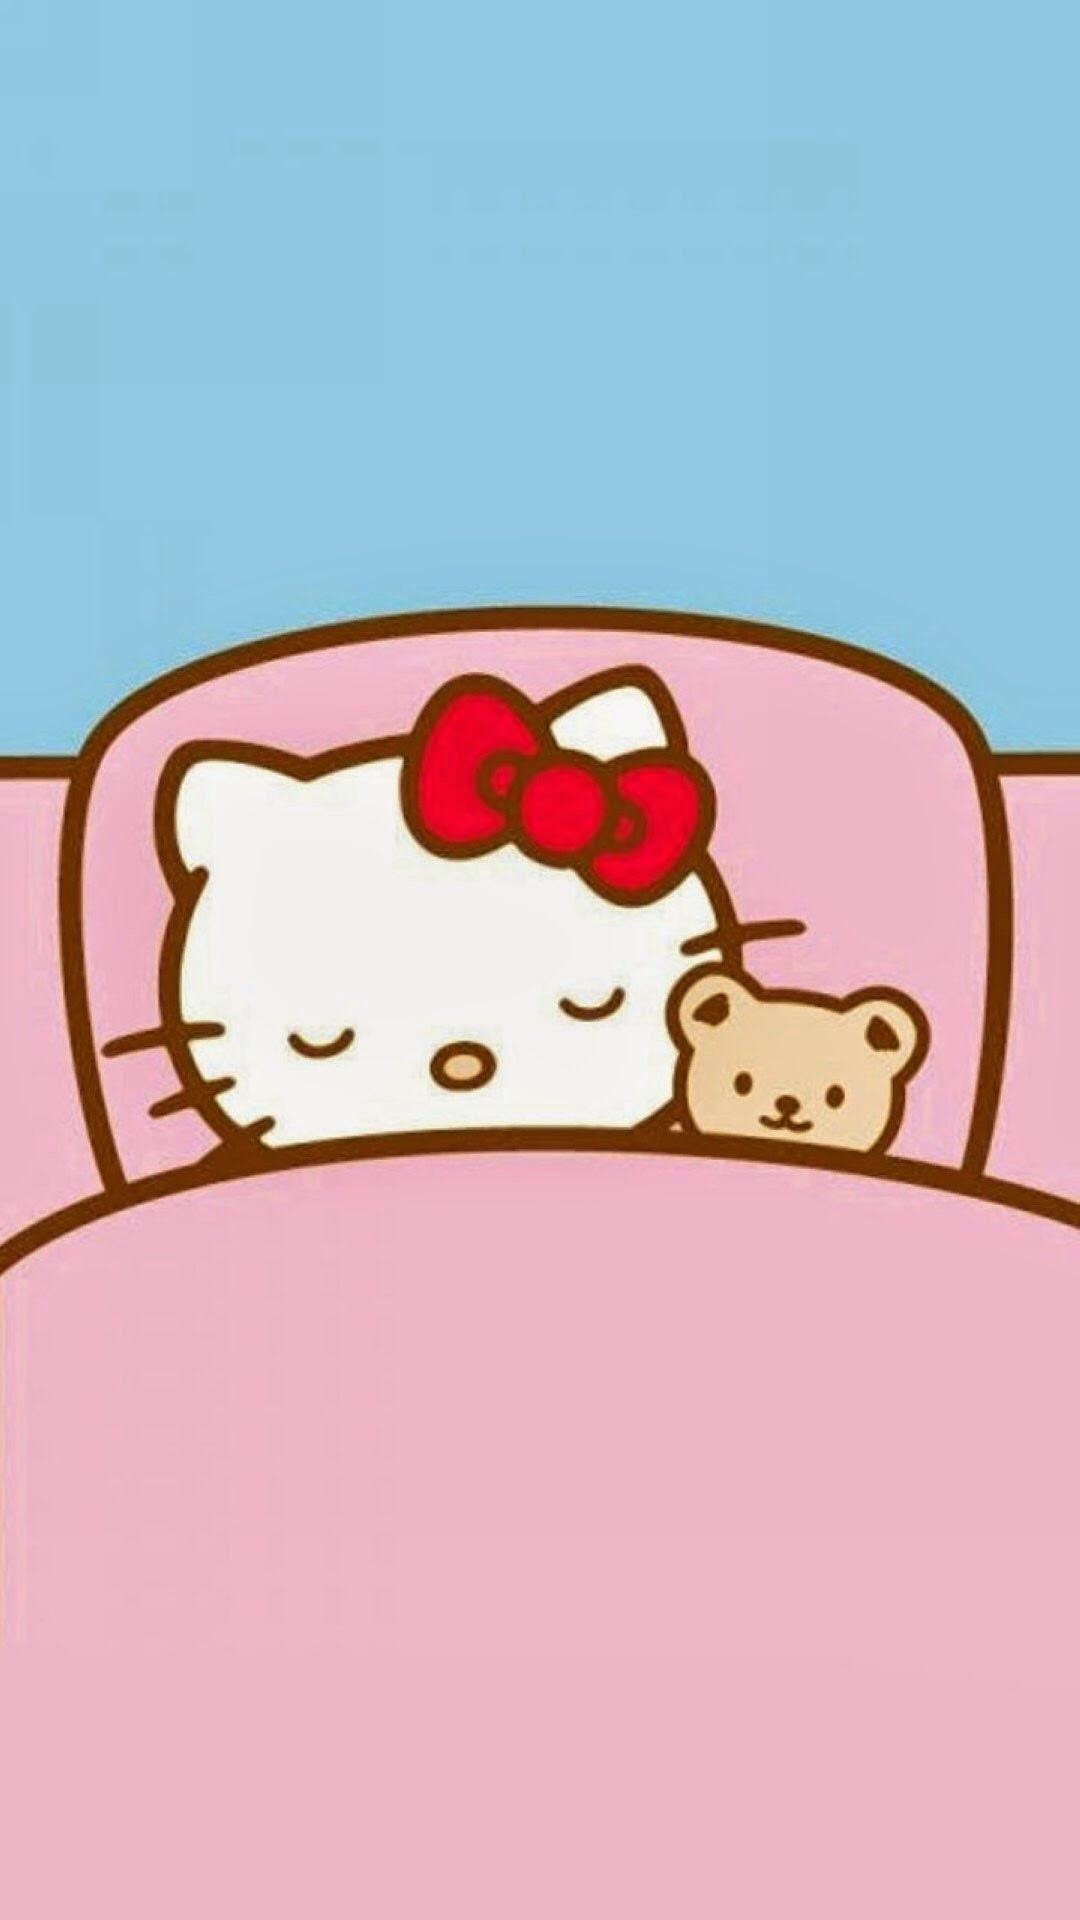 おやすみキティちゃん めちゃ人気 Iphone壁紙dj